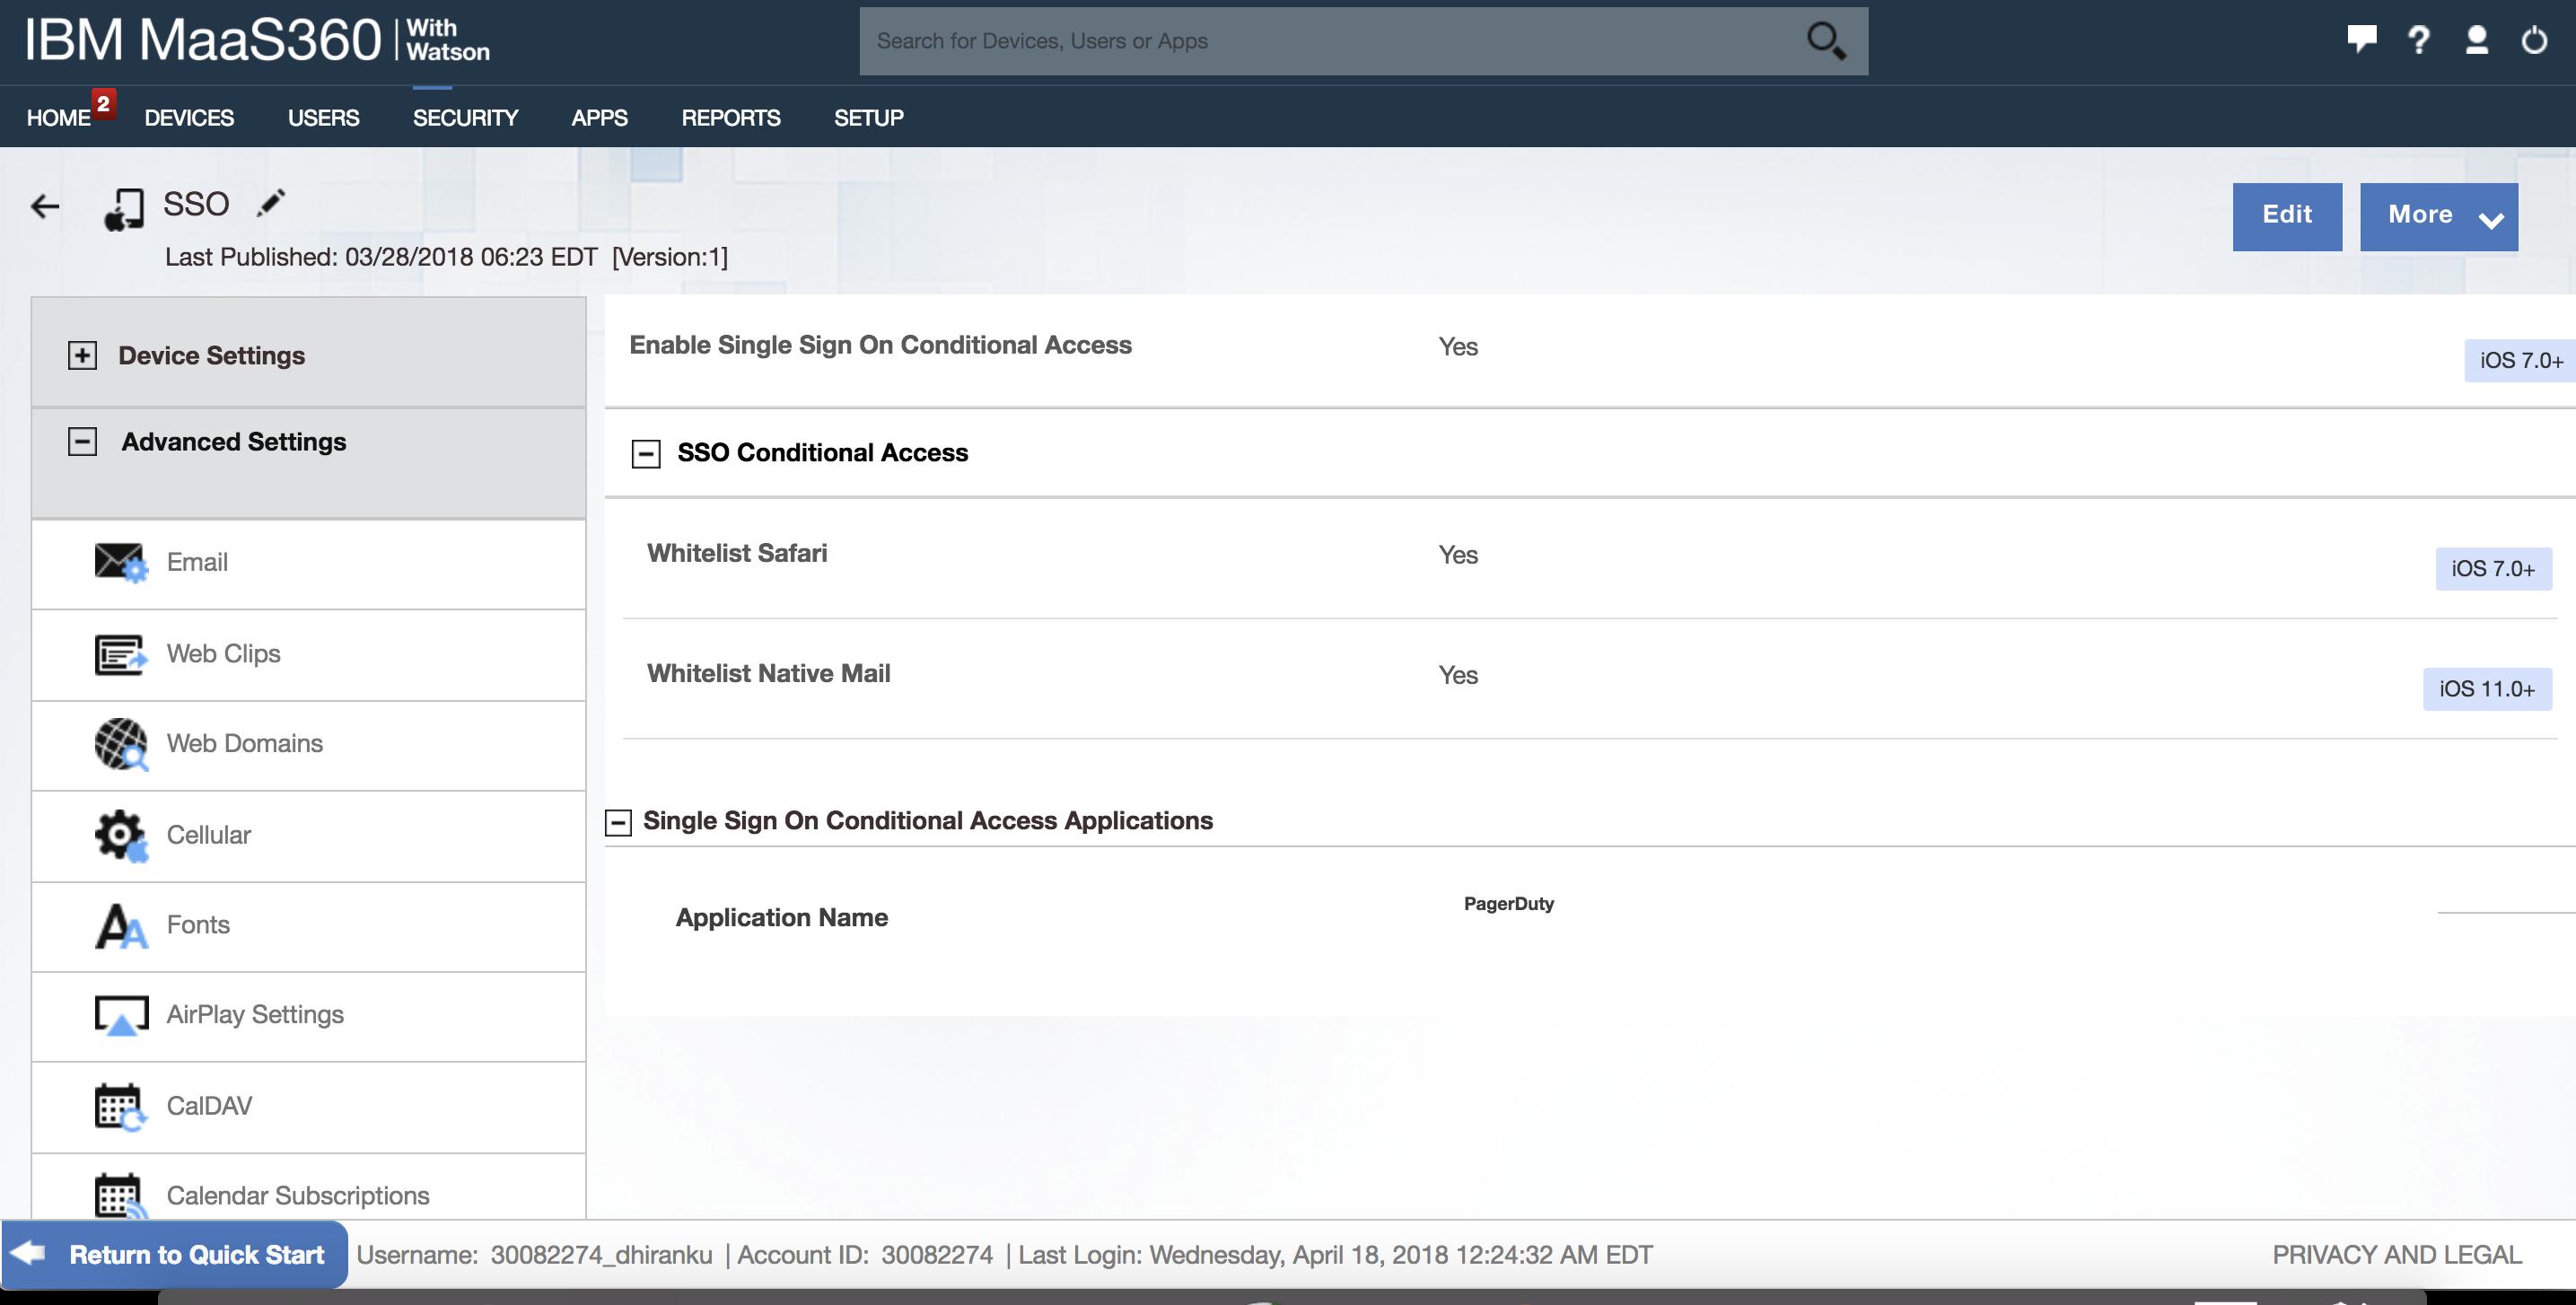 Applications de rencontres IBM